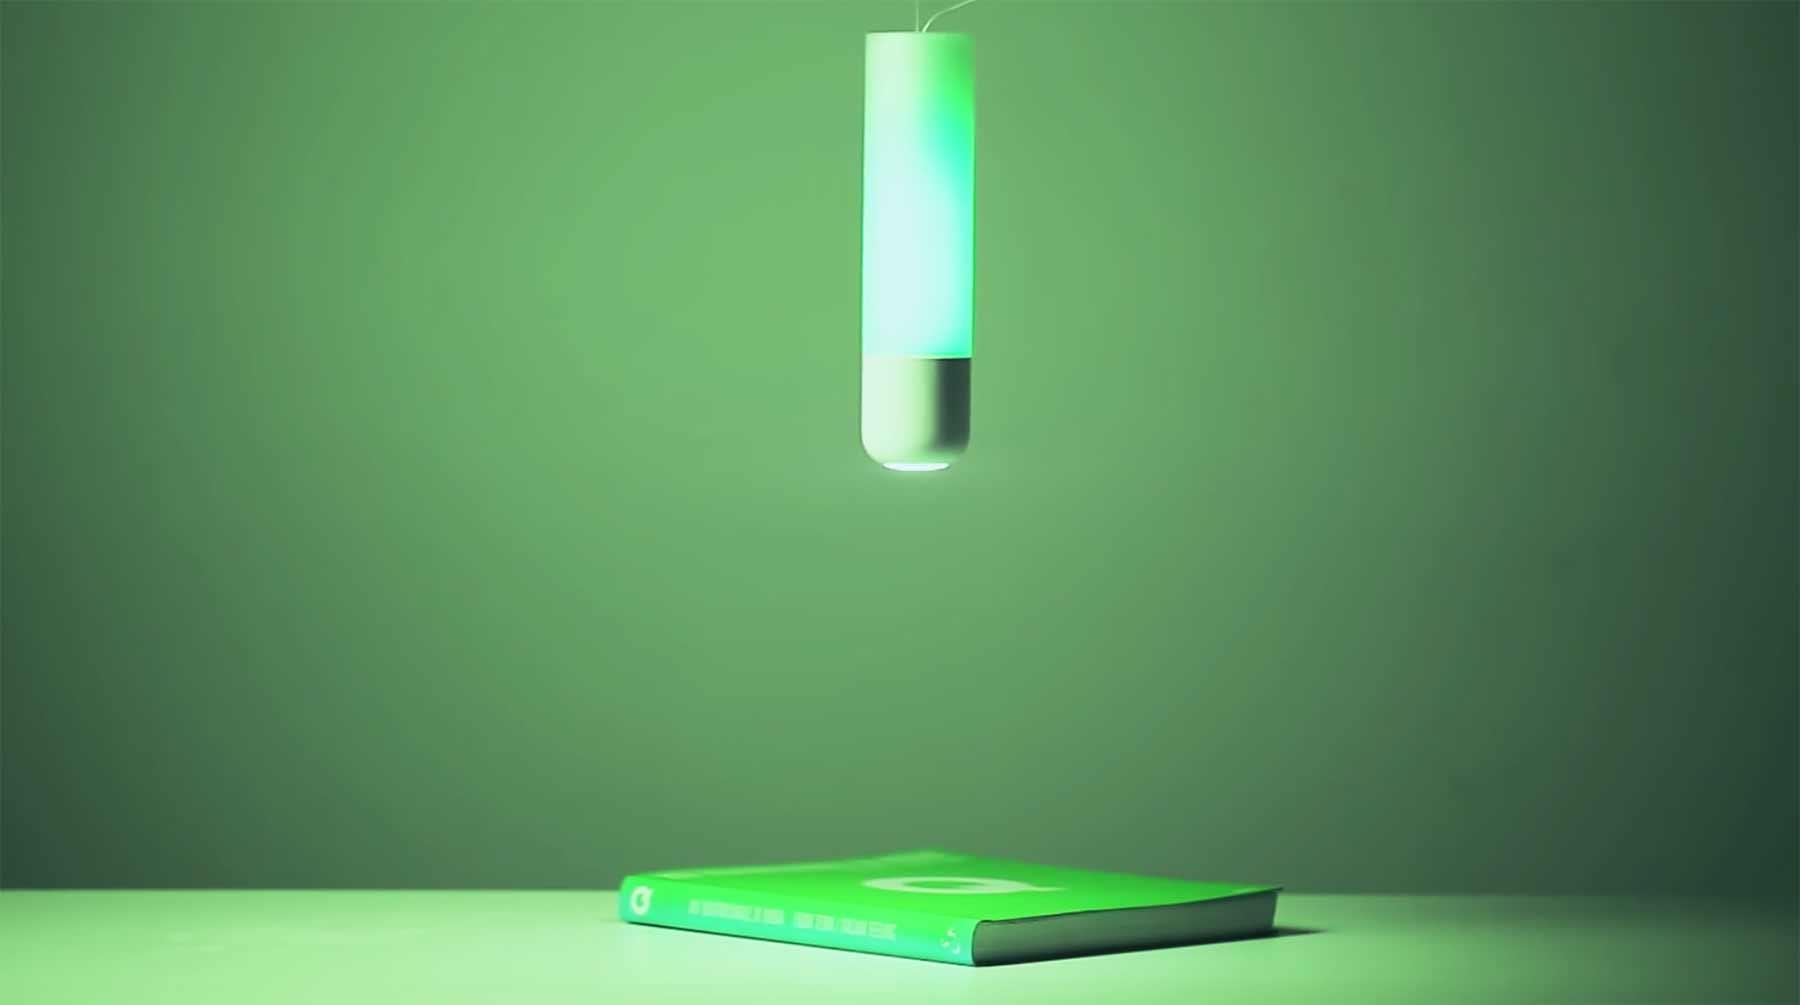 Lampe leuchtet in der Farbe dessen, was unter ihr liegt